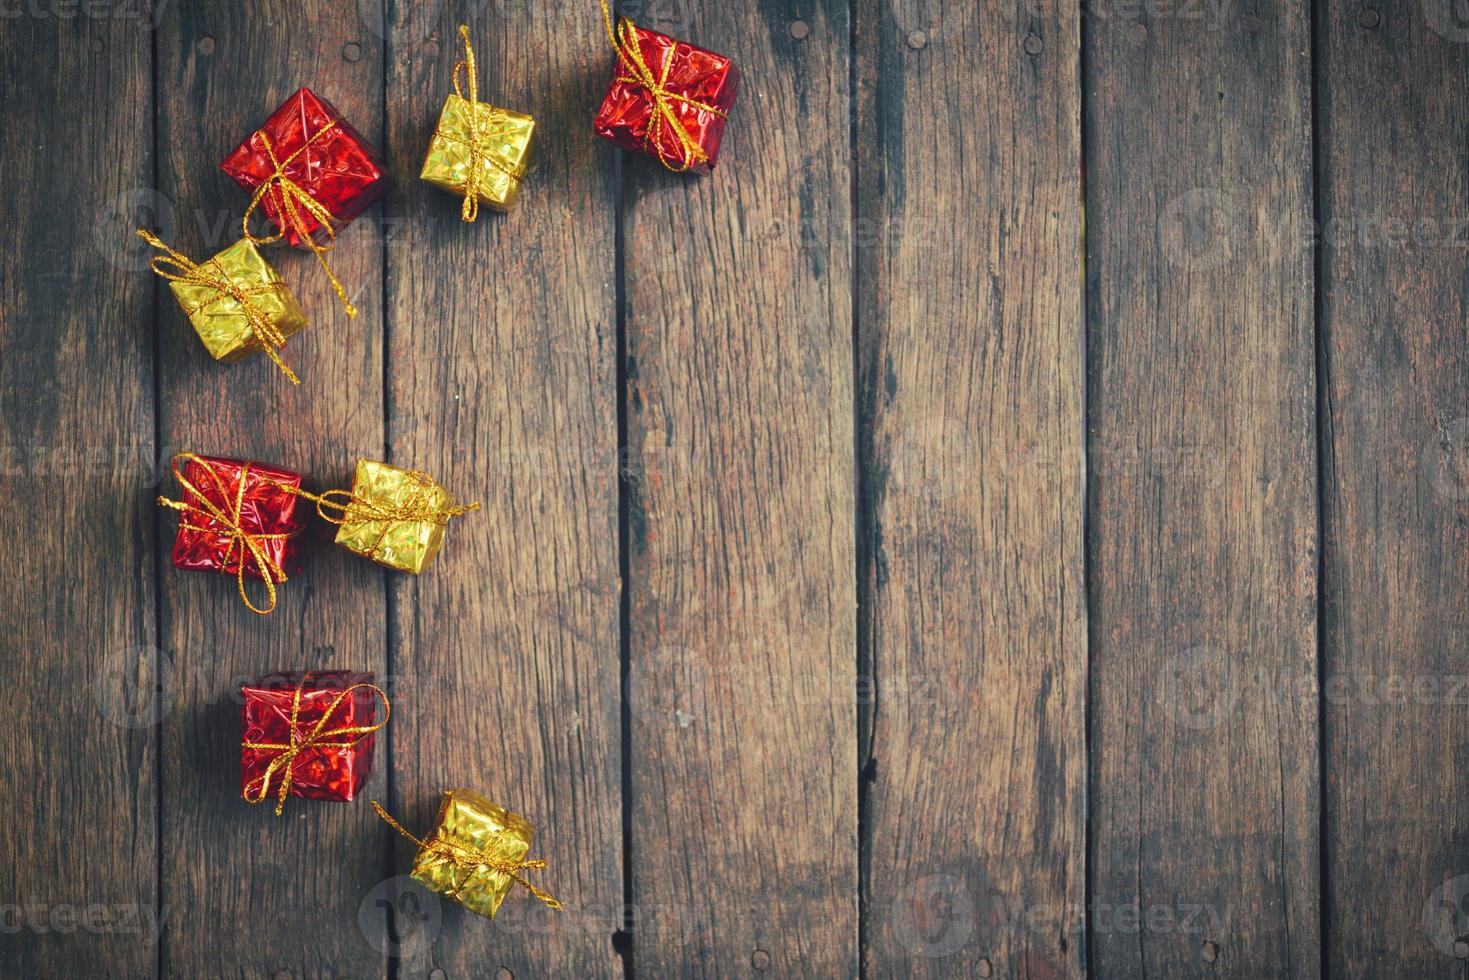 decoración vintage de navidad en el fondo de madera foto